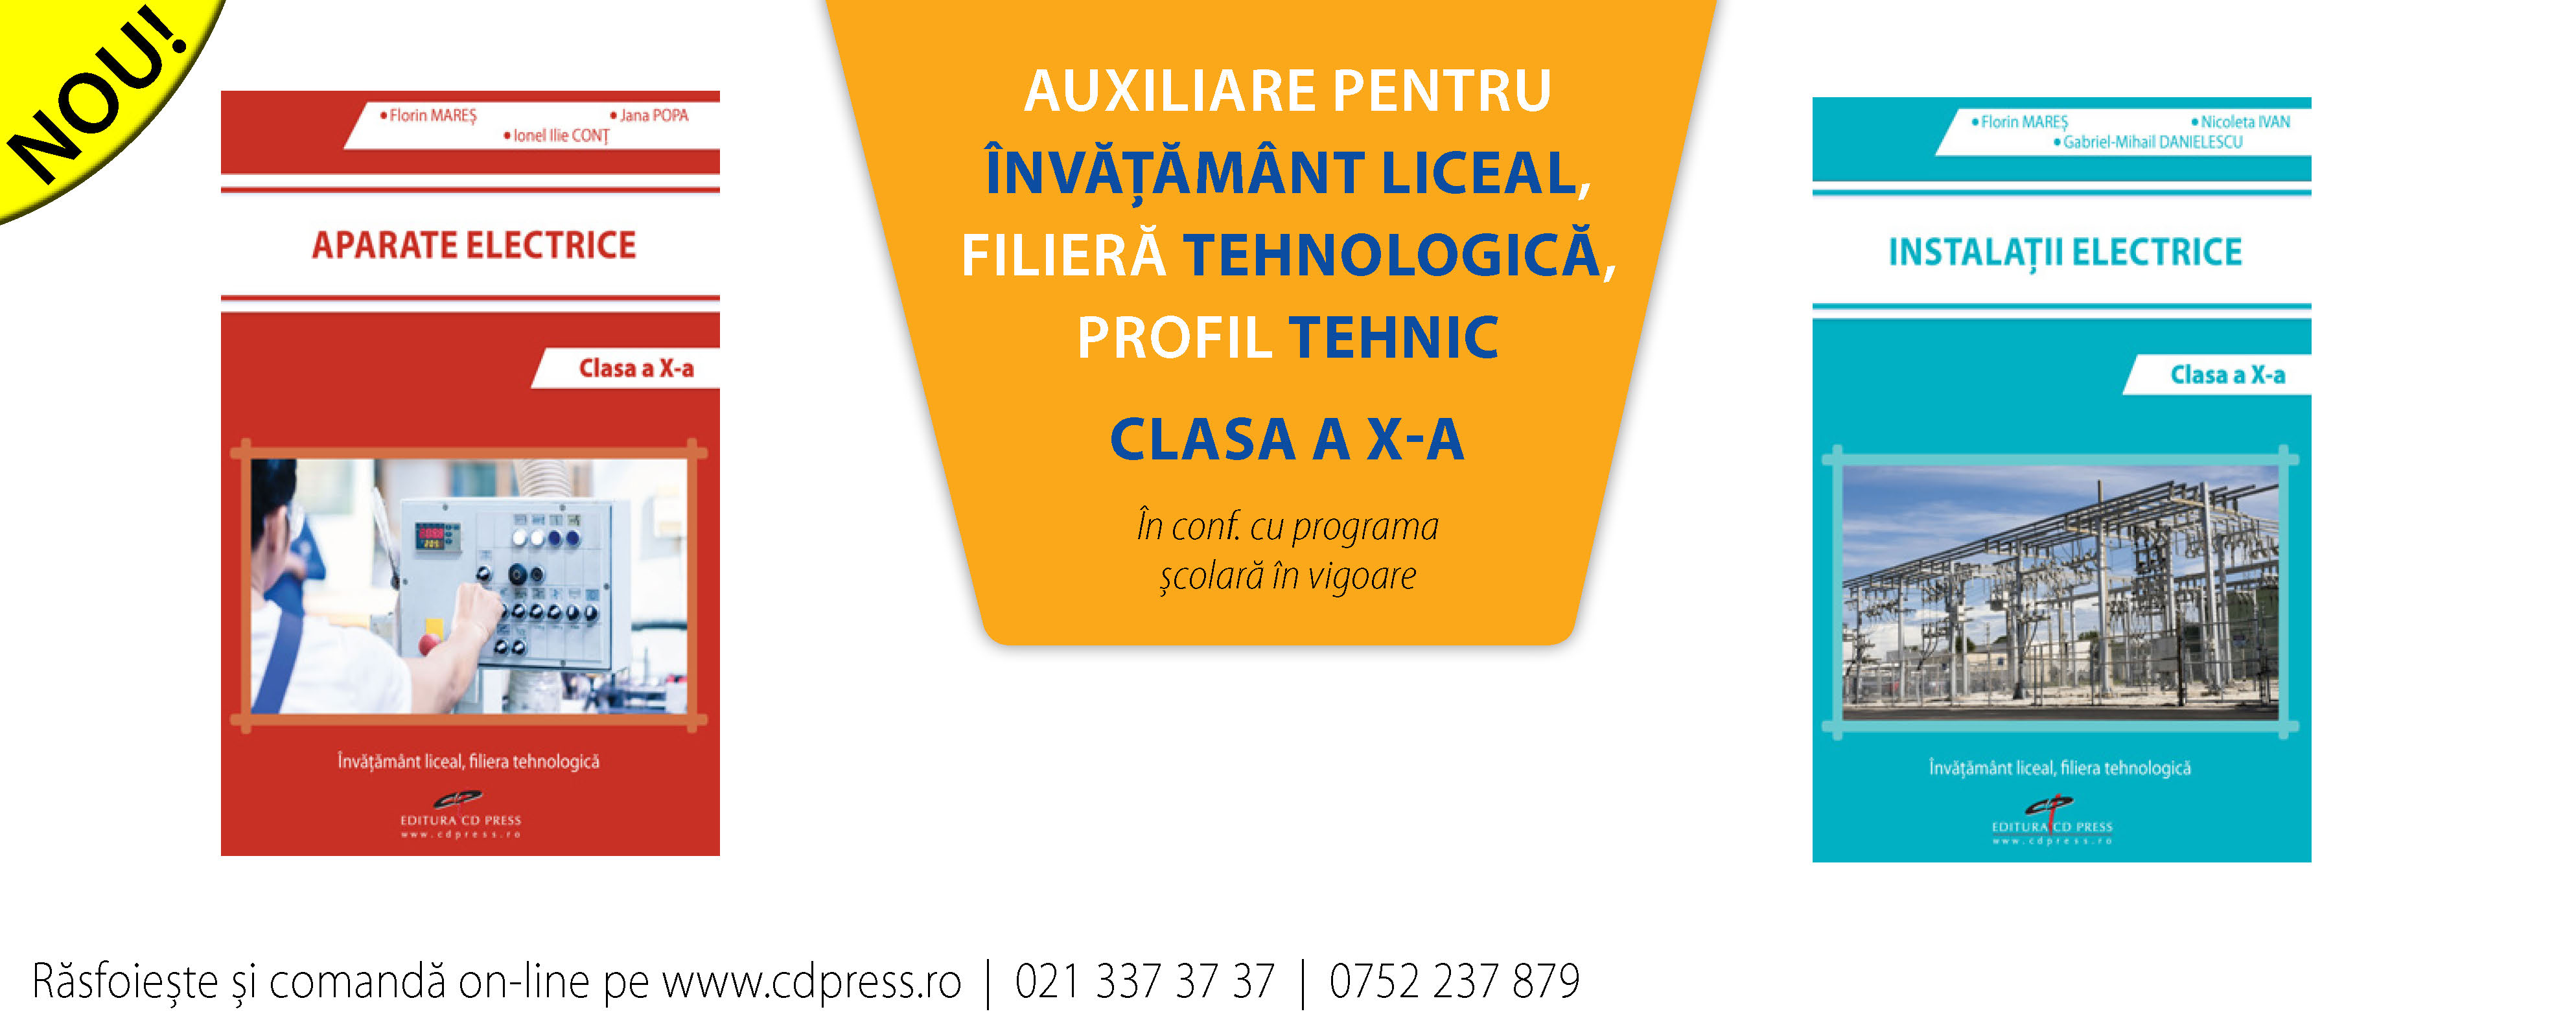 Auxiliare filiera tehnologica, profil tehnic clasa a X-a